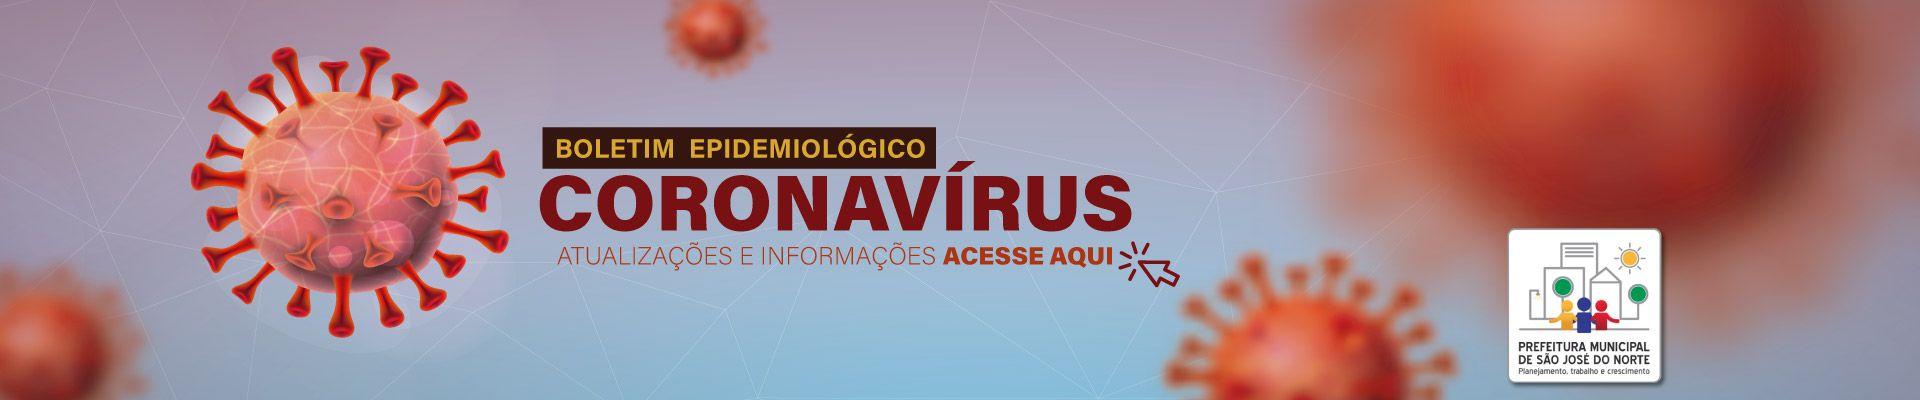 Banner 1 - Coronavirus